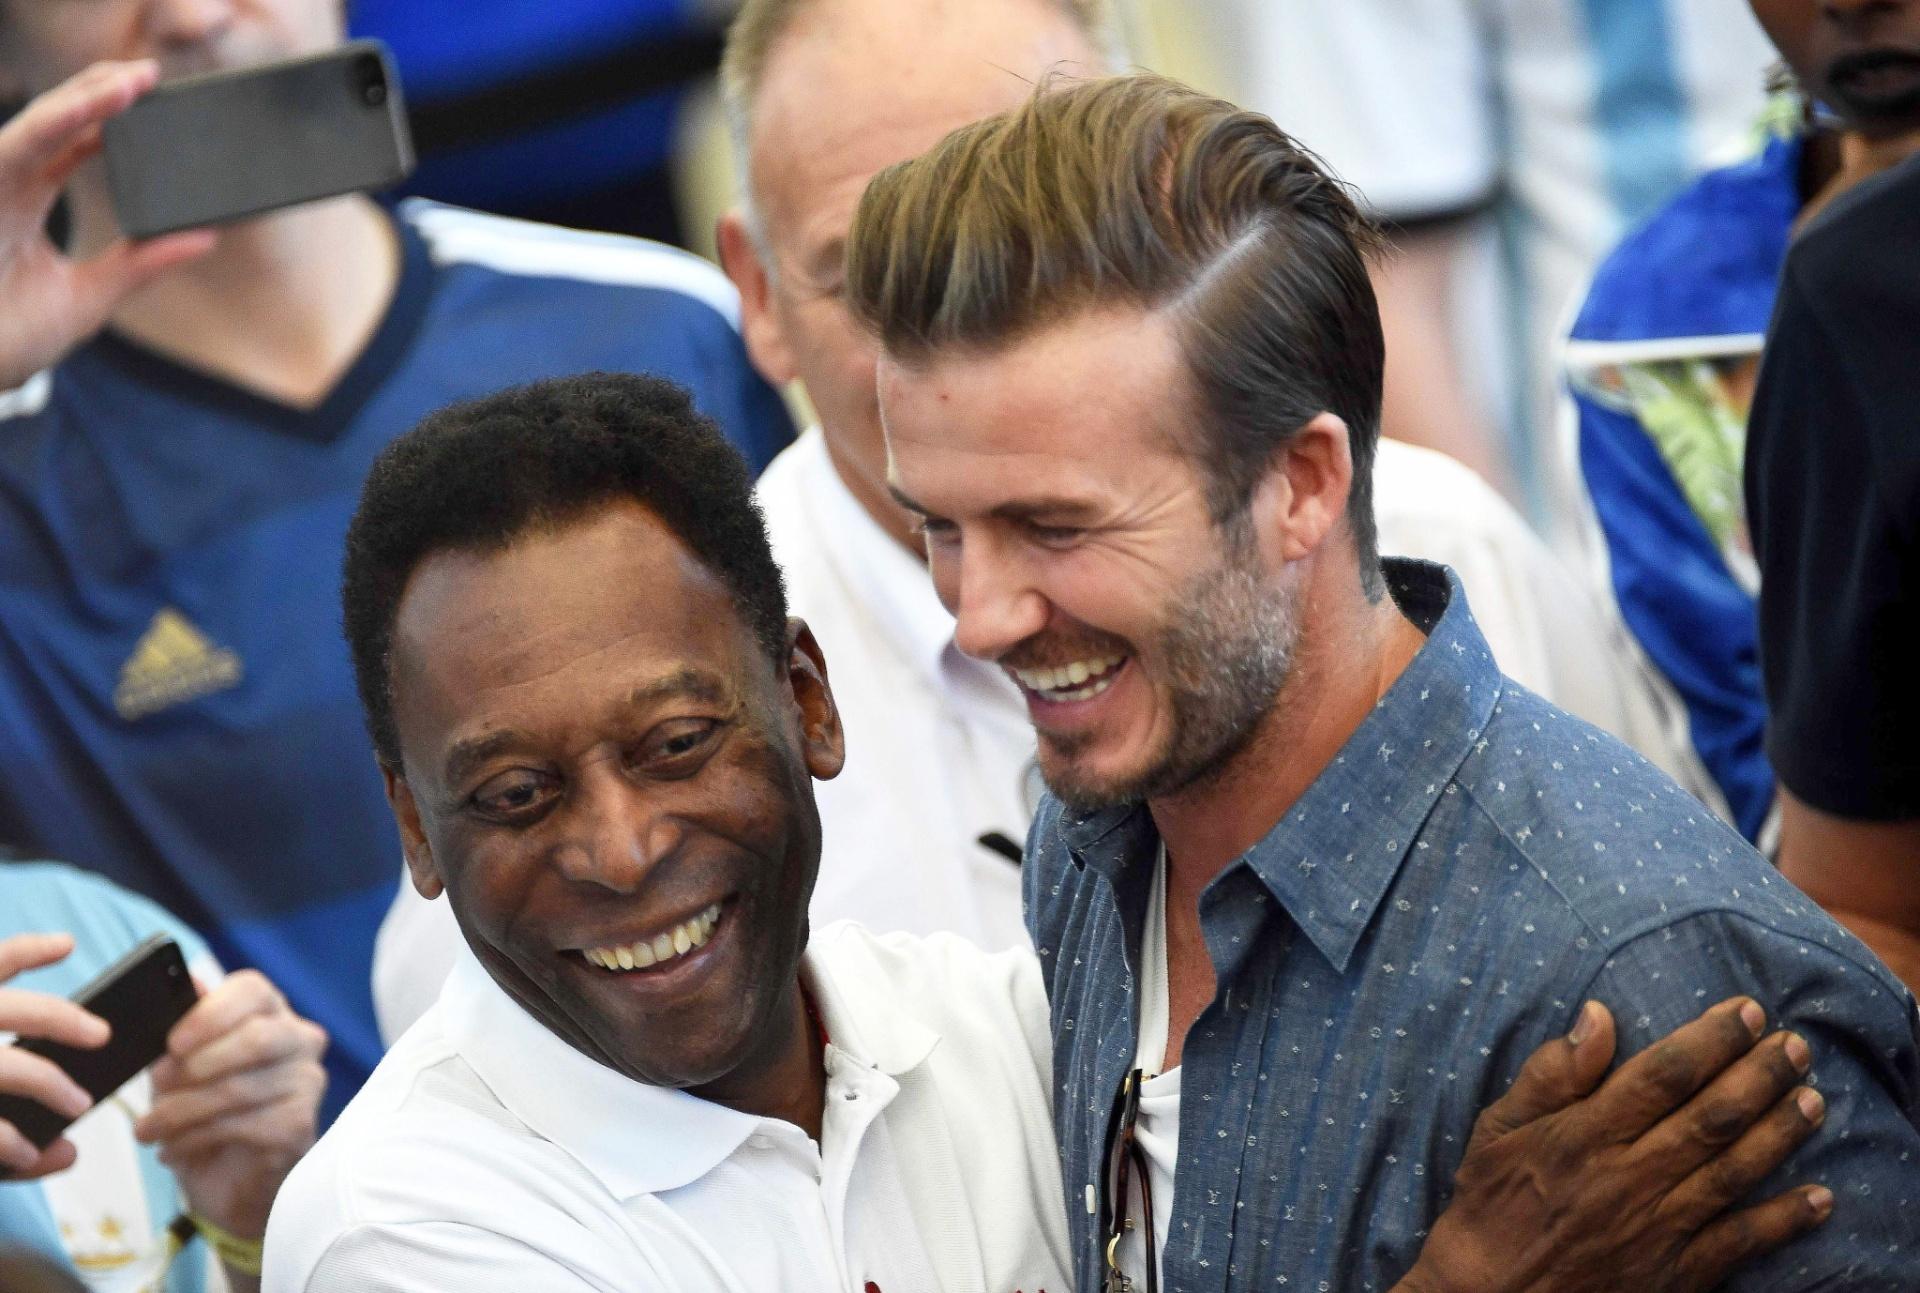 Pelé e David Beckham se cumprimentam no Maracanã antes da final da Copa